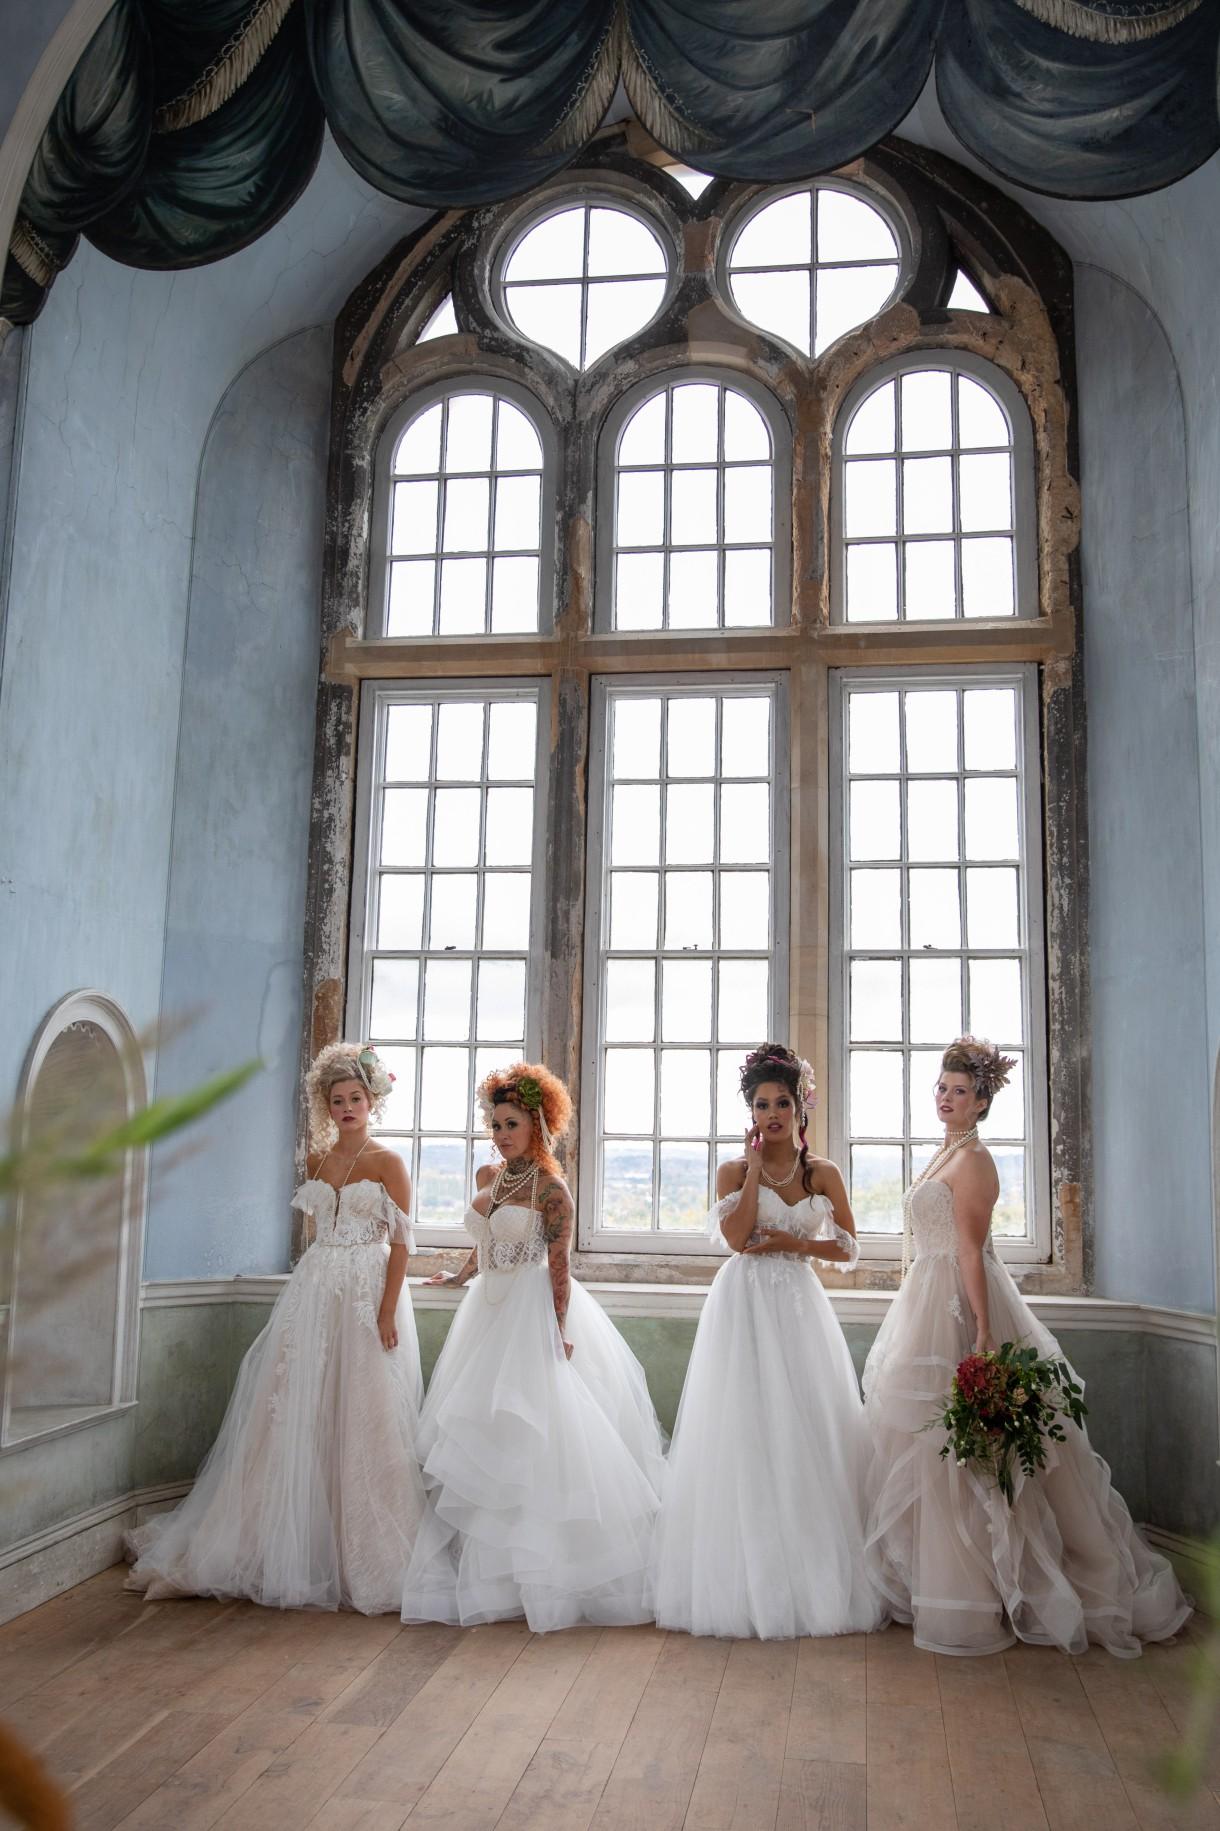 unique pastel wedding - marie antionette wedding - unique bridal look - unique bridal style - themed wedding - alternative bridal wear - classic bridal wear - elegant wedding dresses